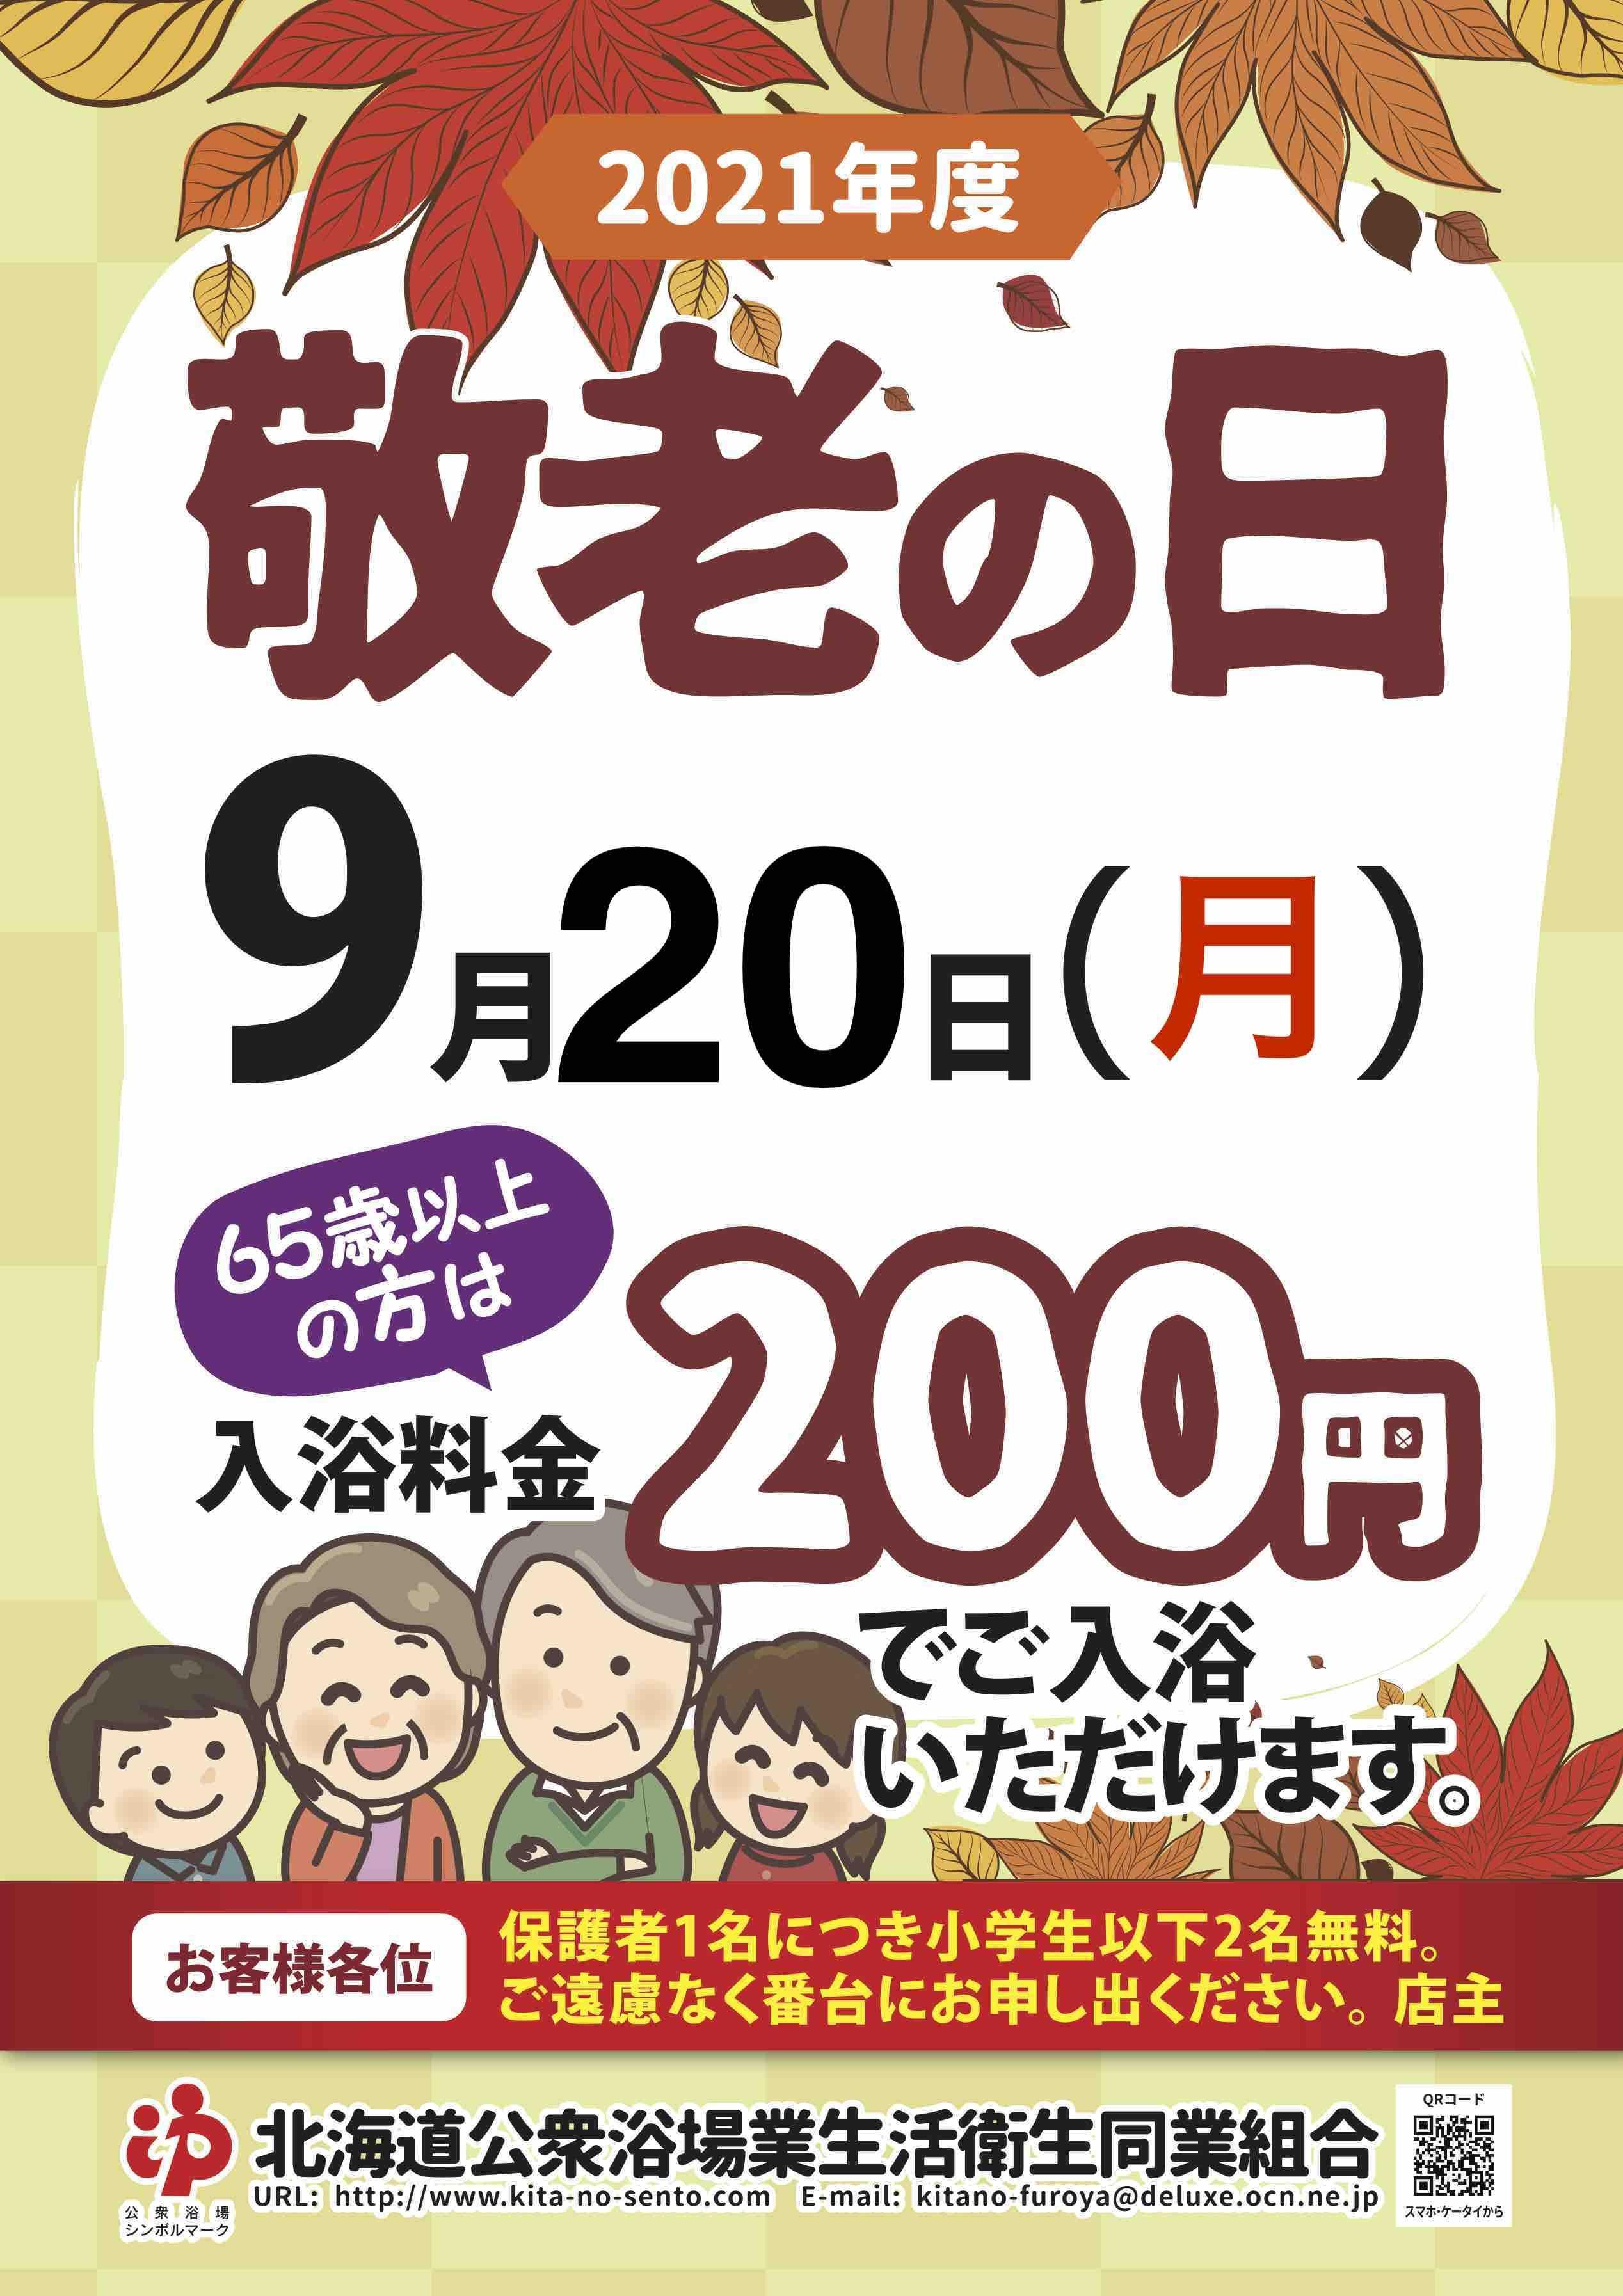 ☆9月20日、敬老の日は銭湯に行こう!☆